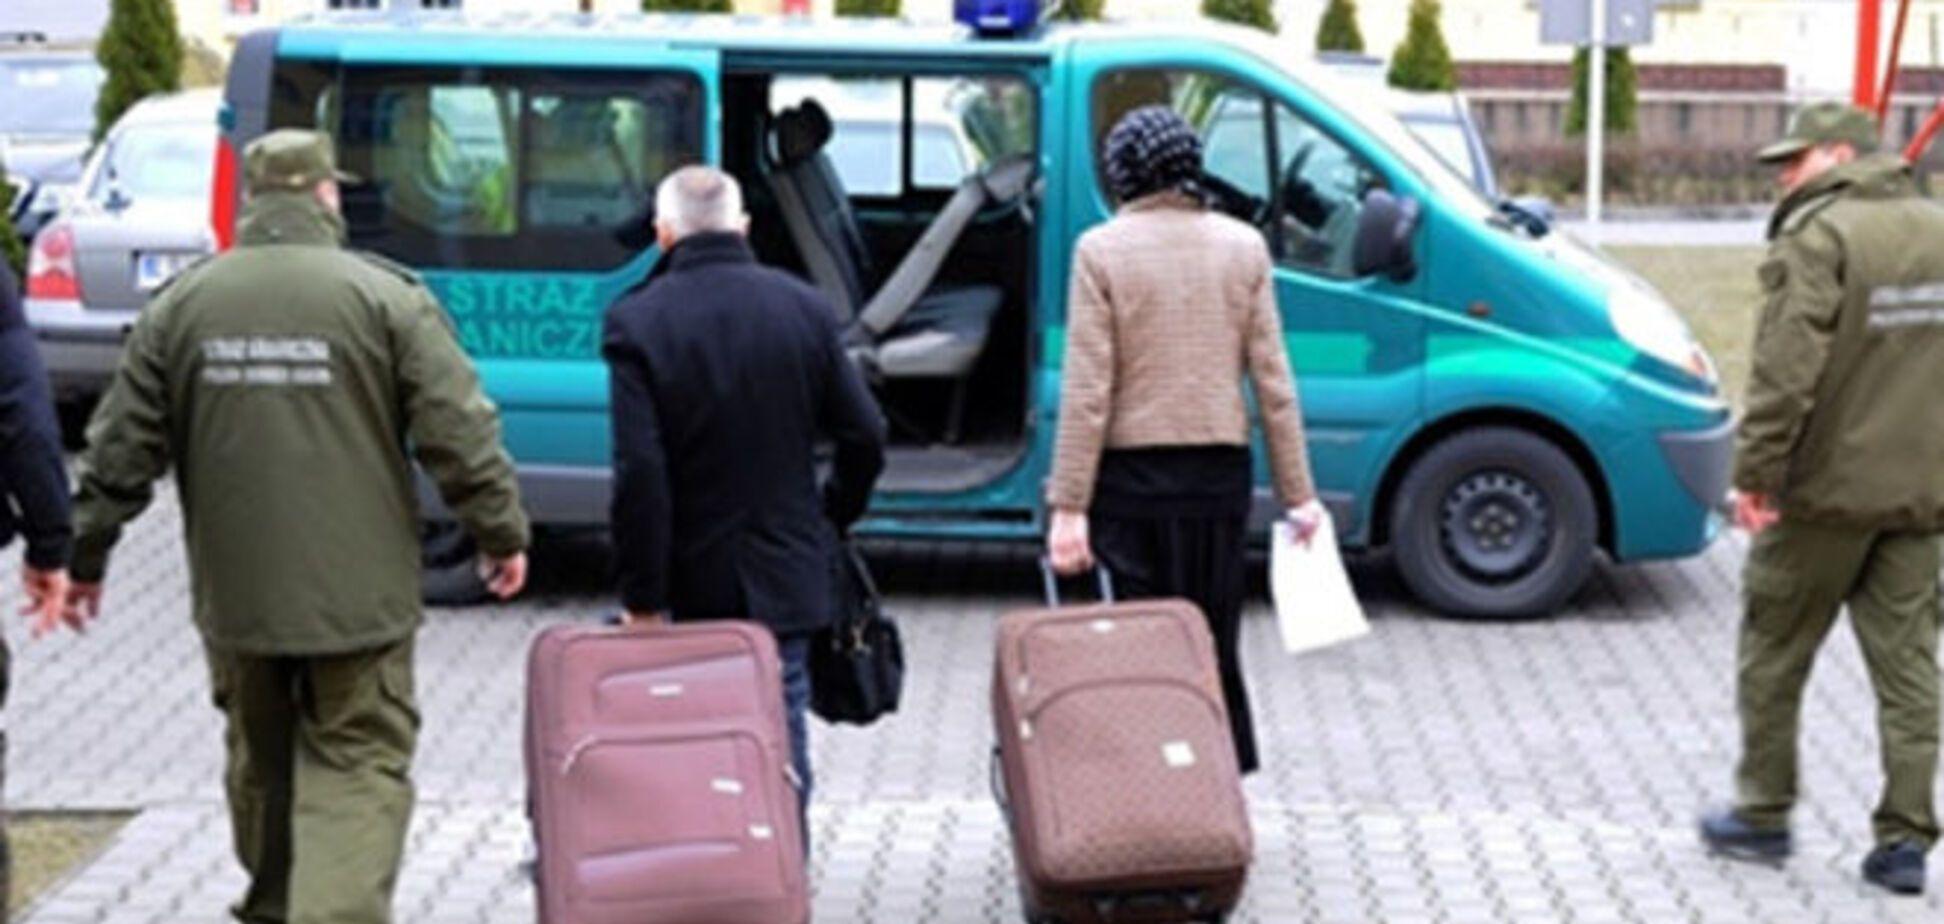 Польские пограничники нашли в чемодане француза его жену